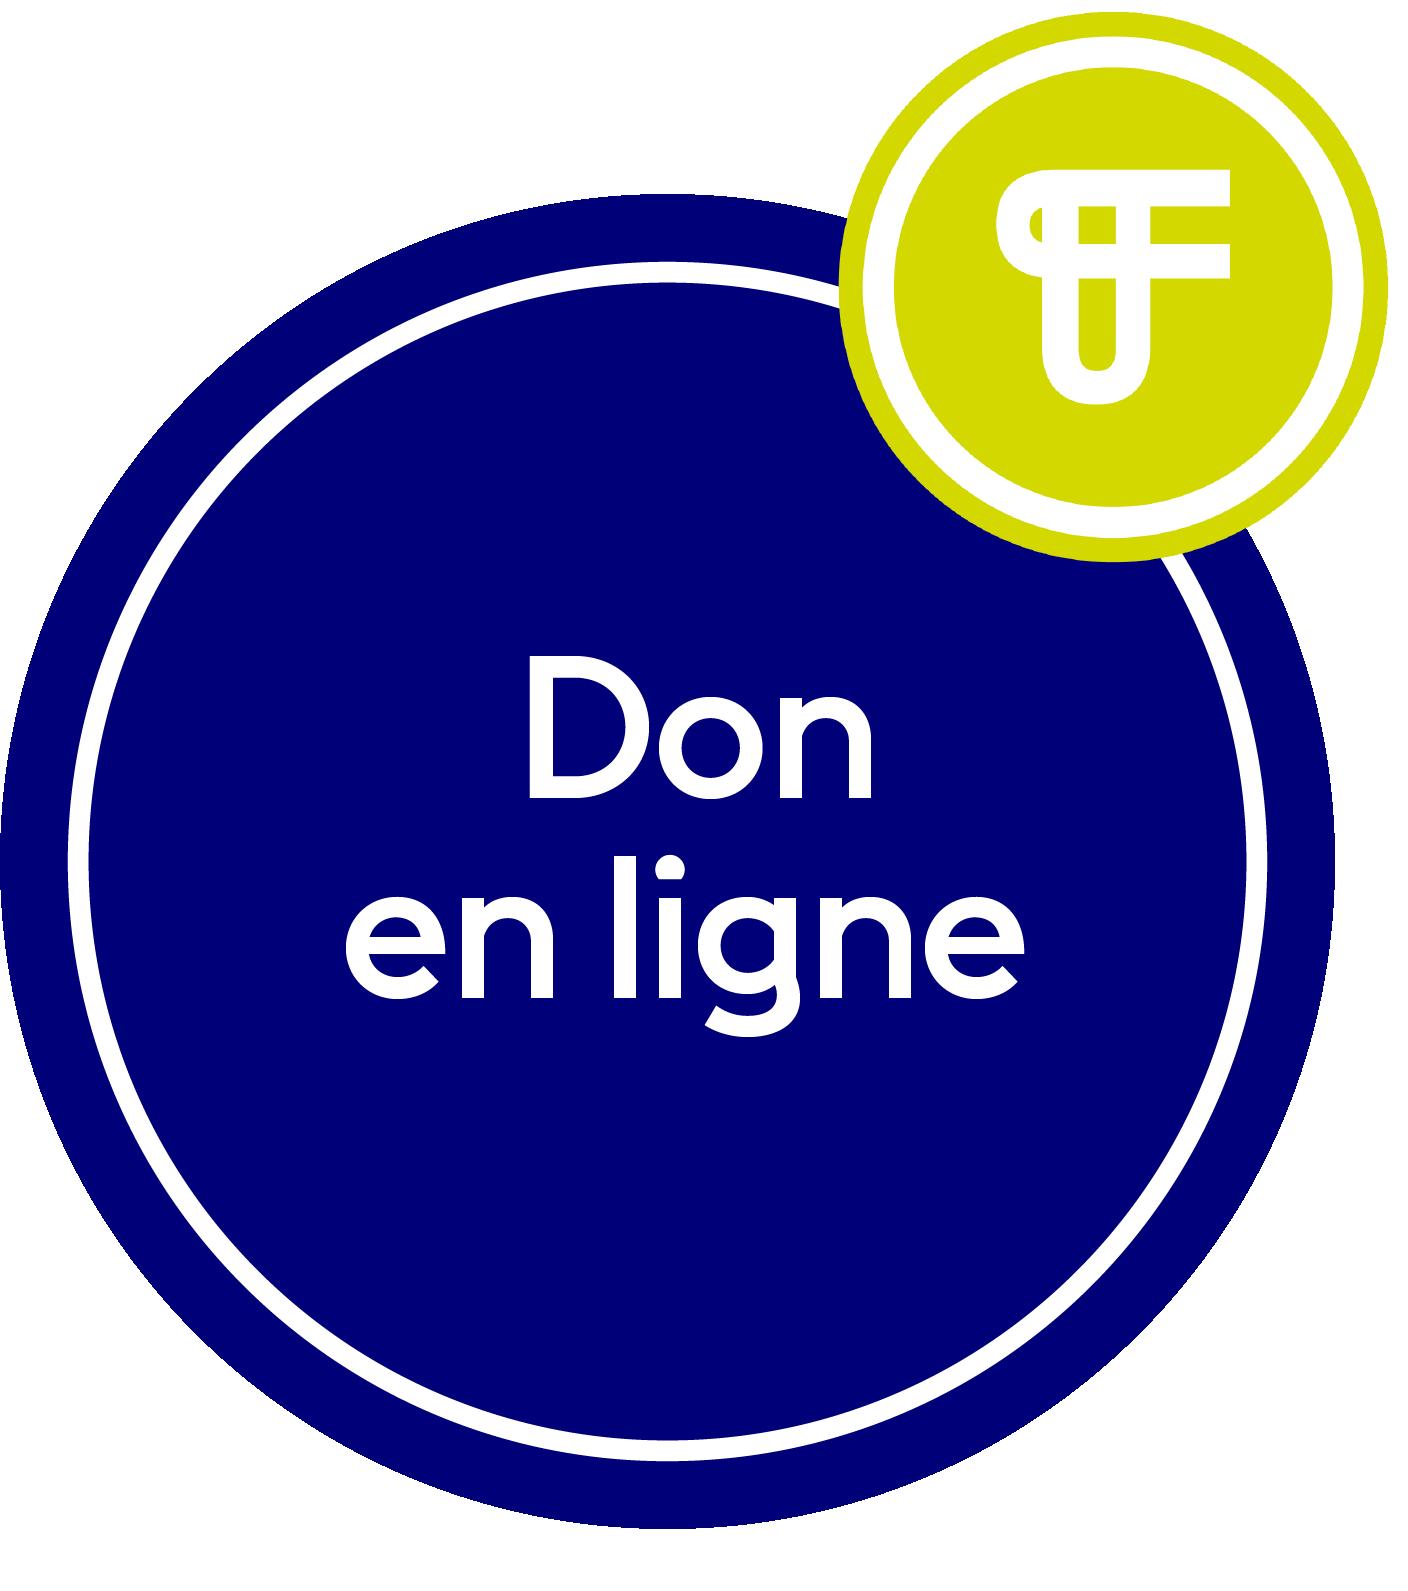 don en ligne